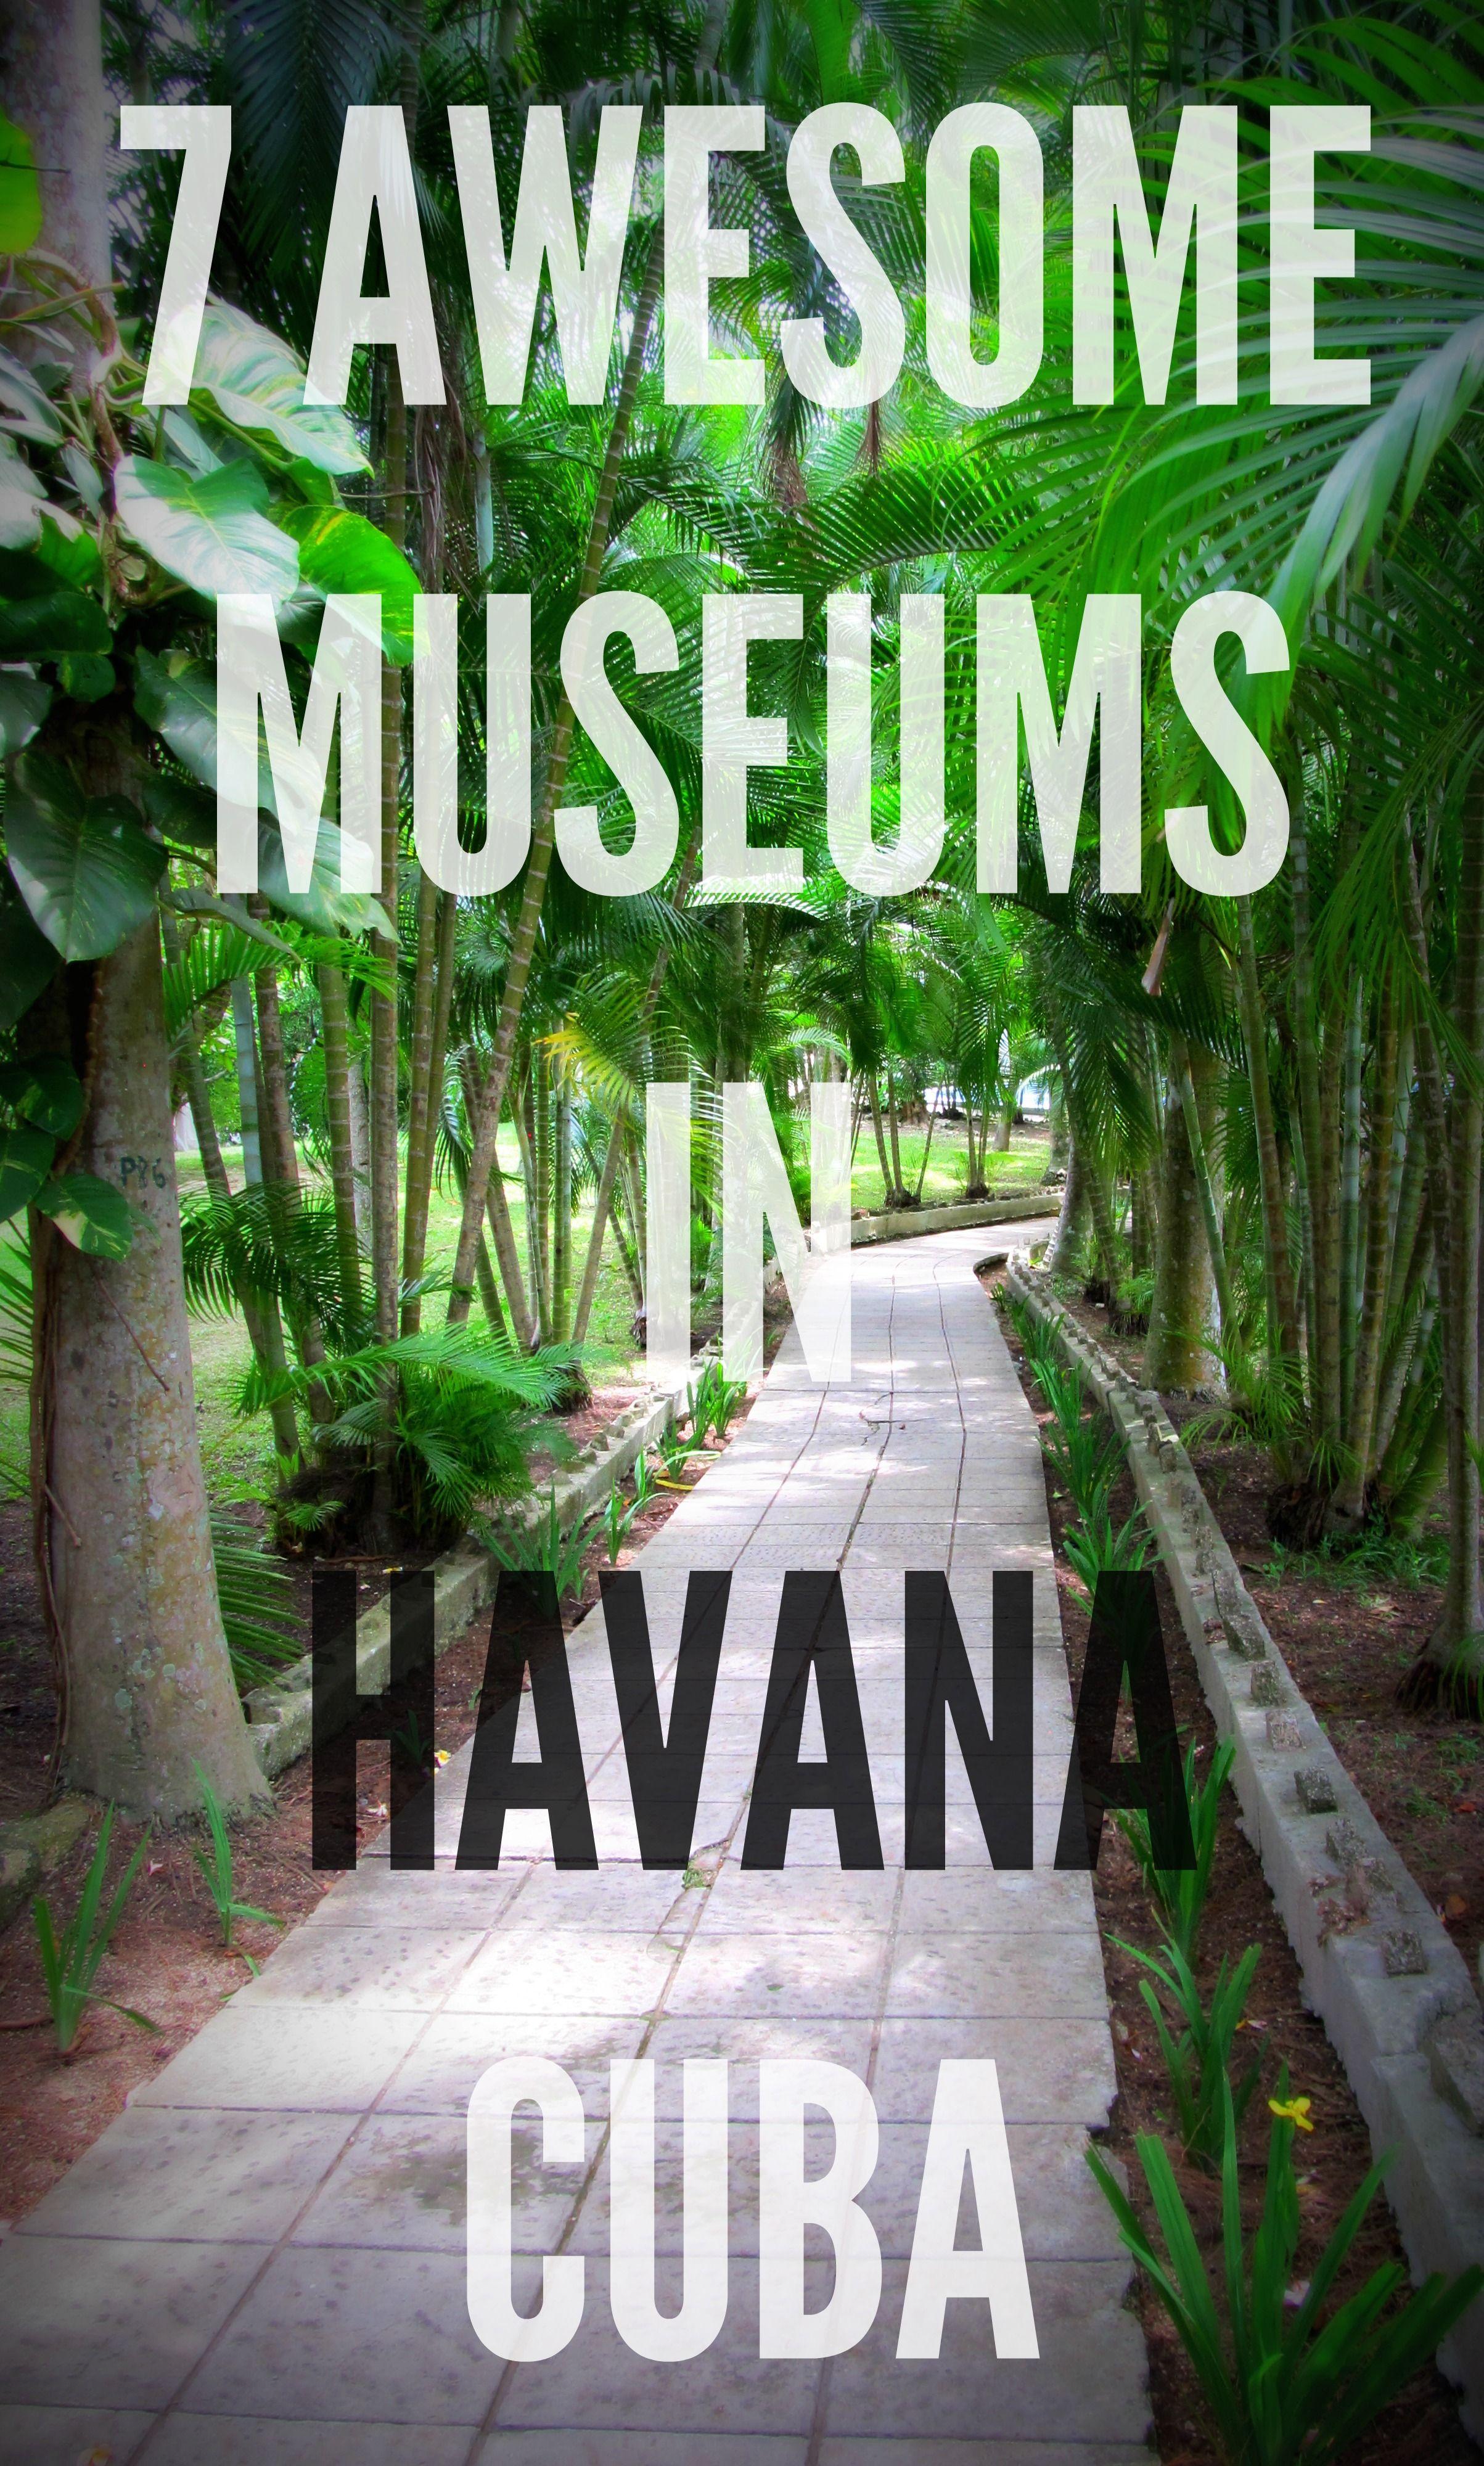 7 awesome museums in havana cuba travel blog pinterest voyage de. Black Bedroom Furniture Sets. Home Design Ideas